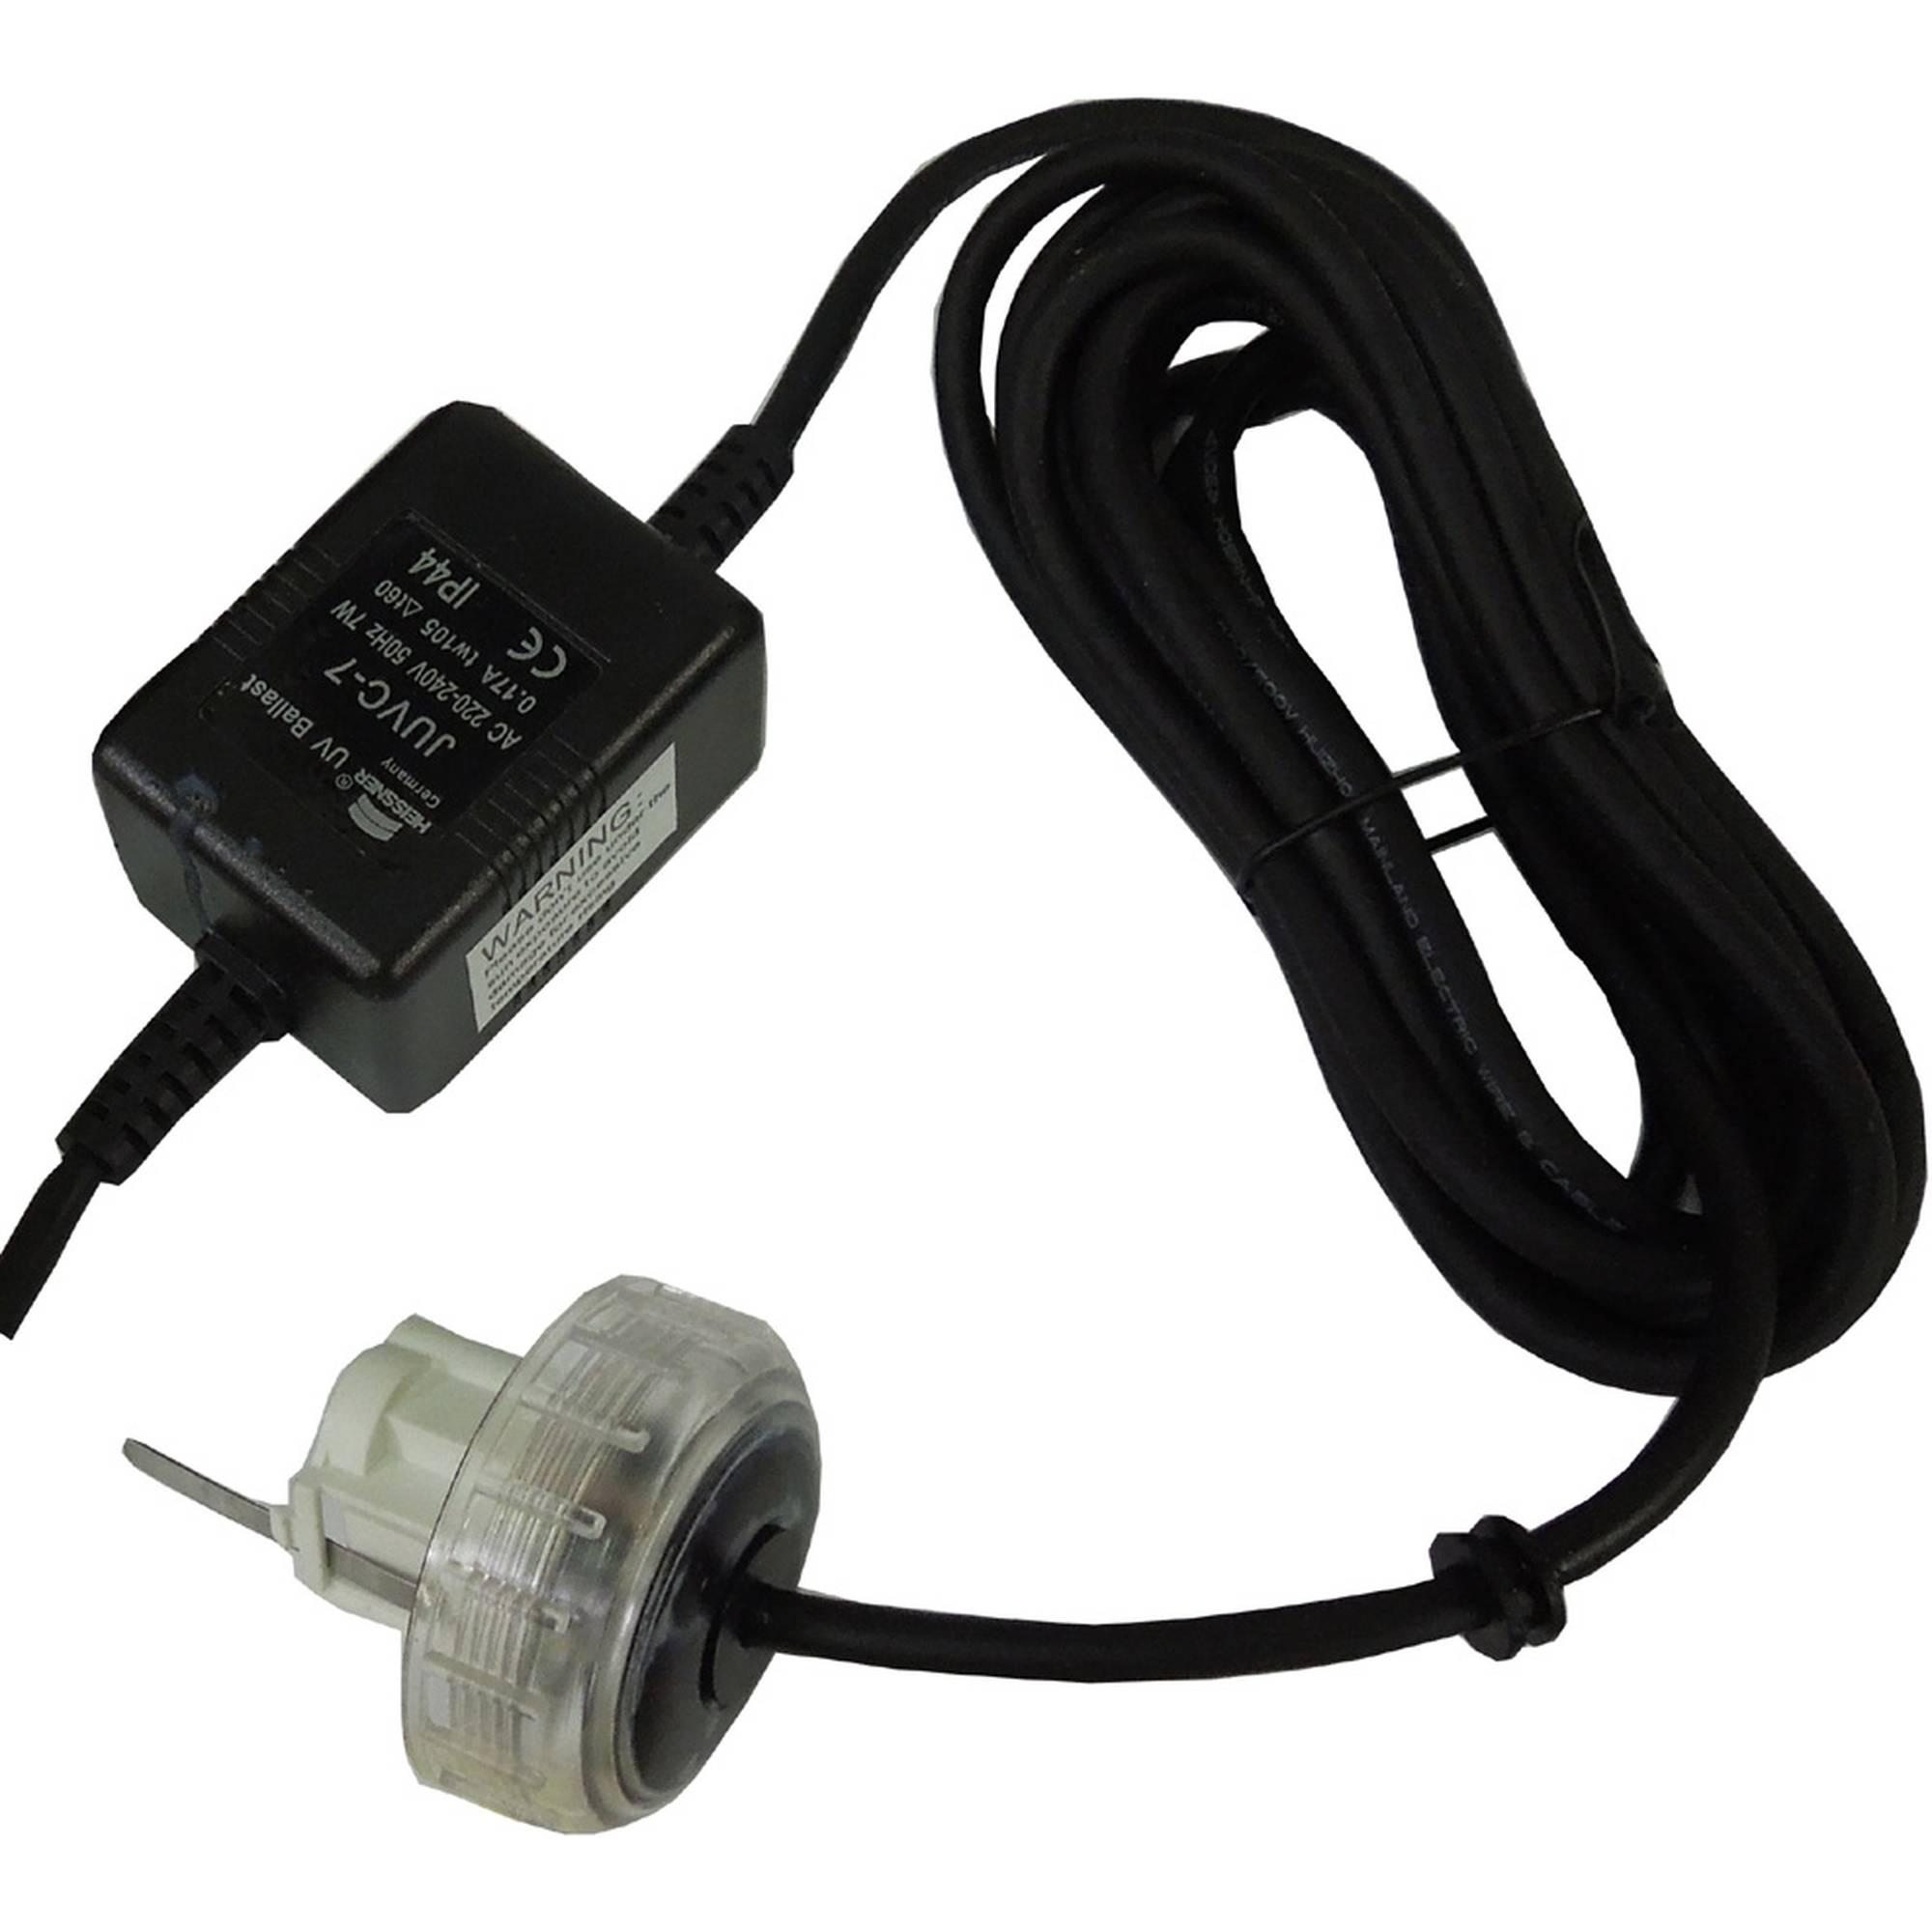 UVC cap incl. cable + ballast HLF4000-00